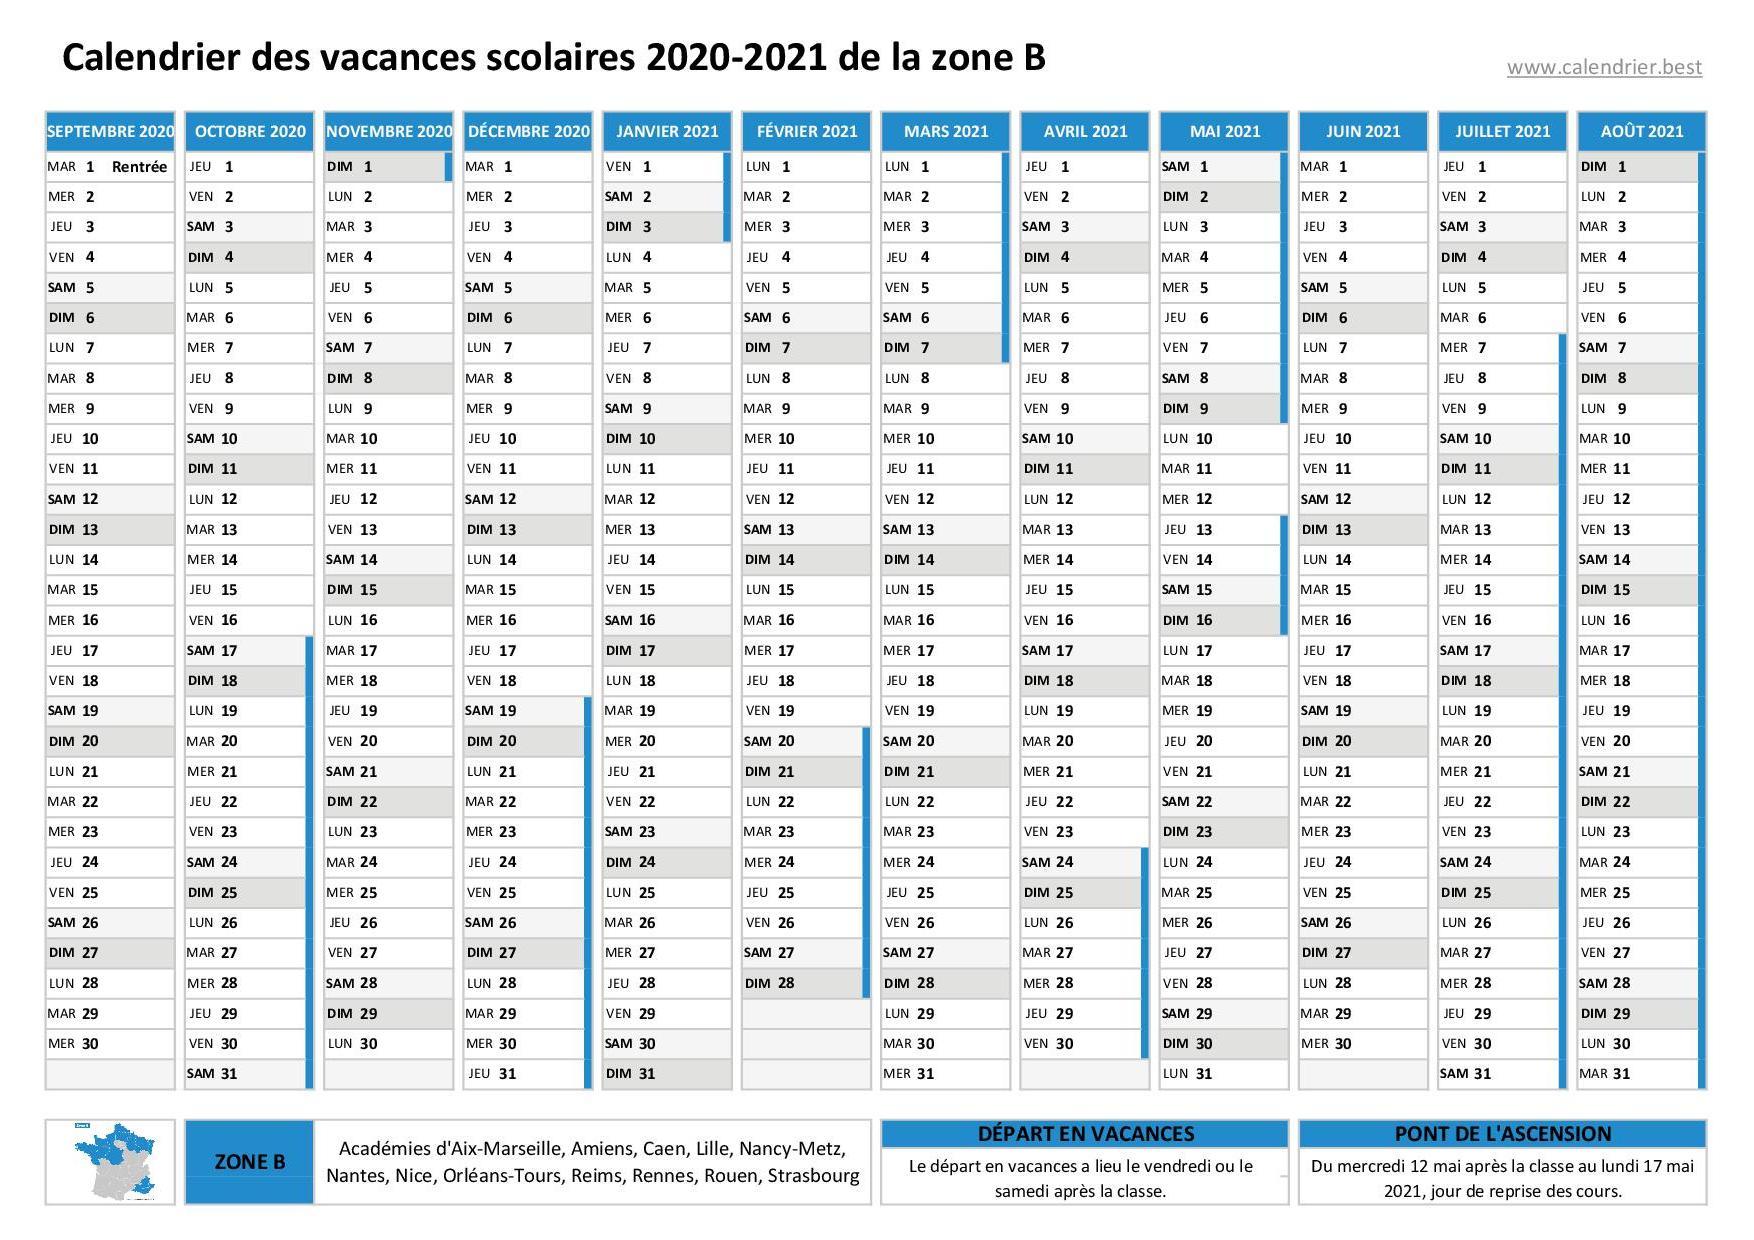 Calendrier Universitaire Valenciennes 2021 2022 Vacances scolaires 2020 2021 et 2021 2022 Lille : dates et calendrier